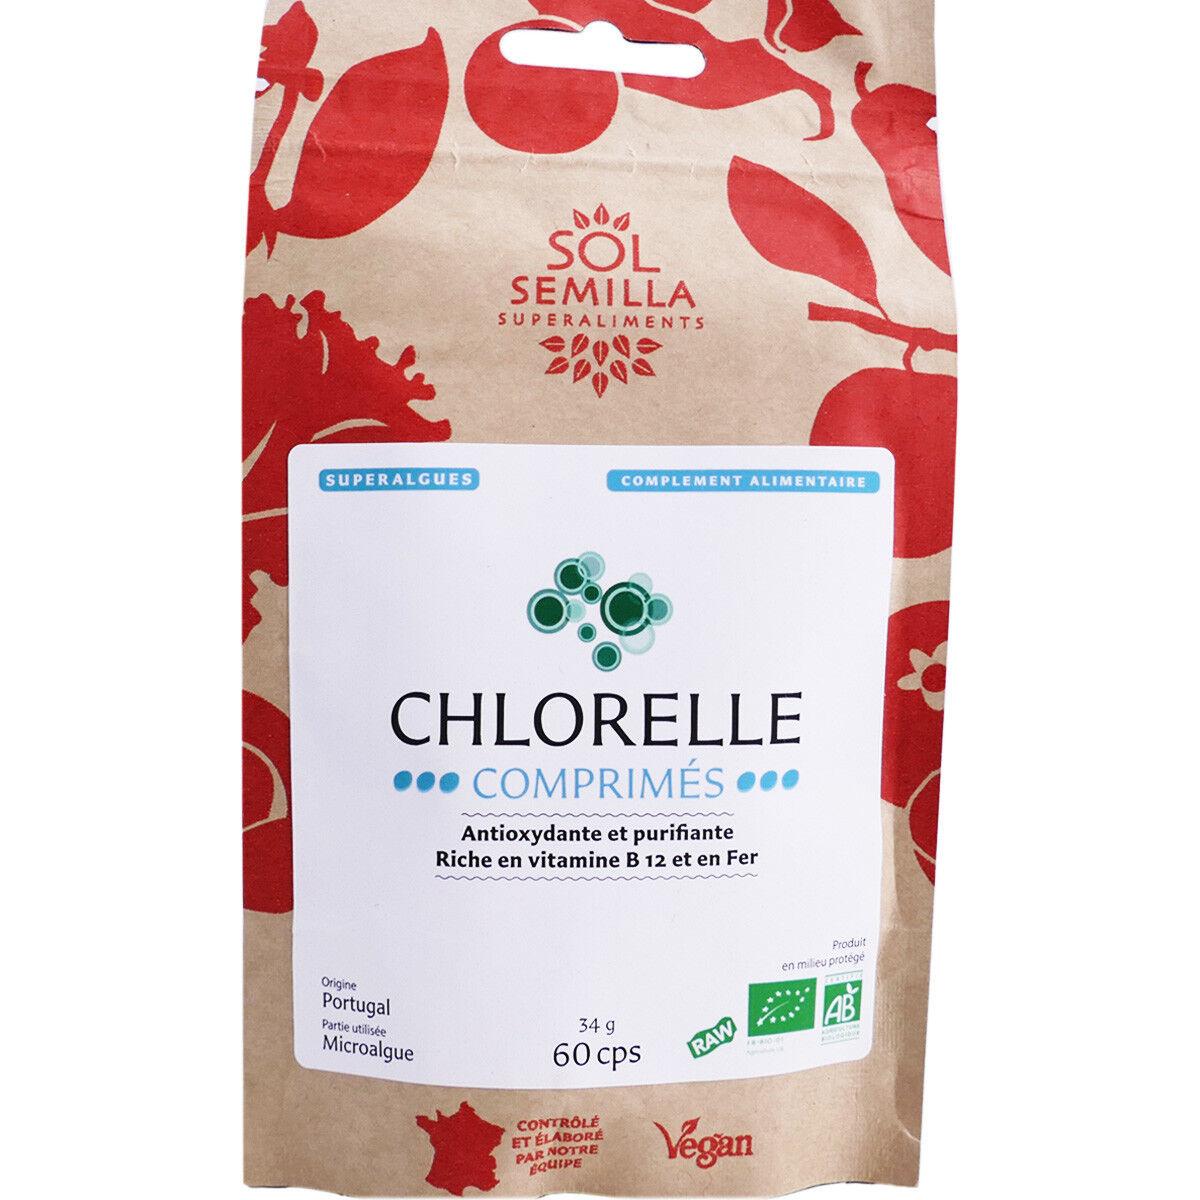 Sol semilla chlorelle bio 60 comprimes